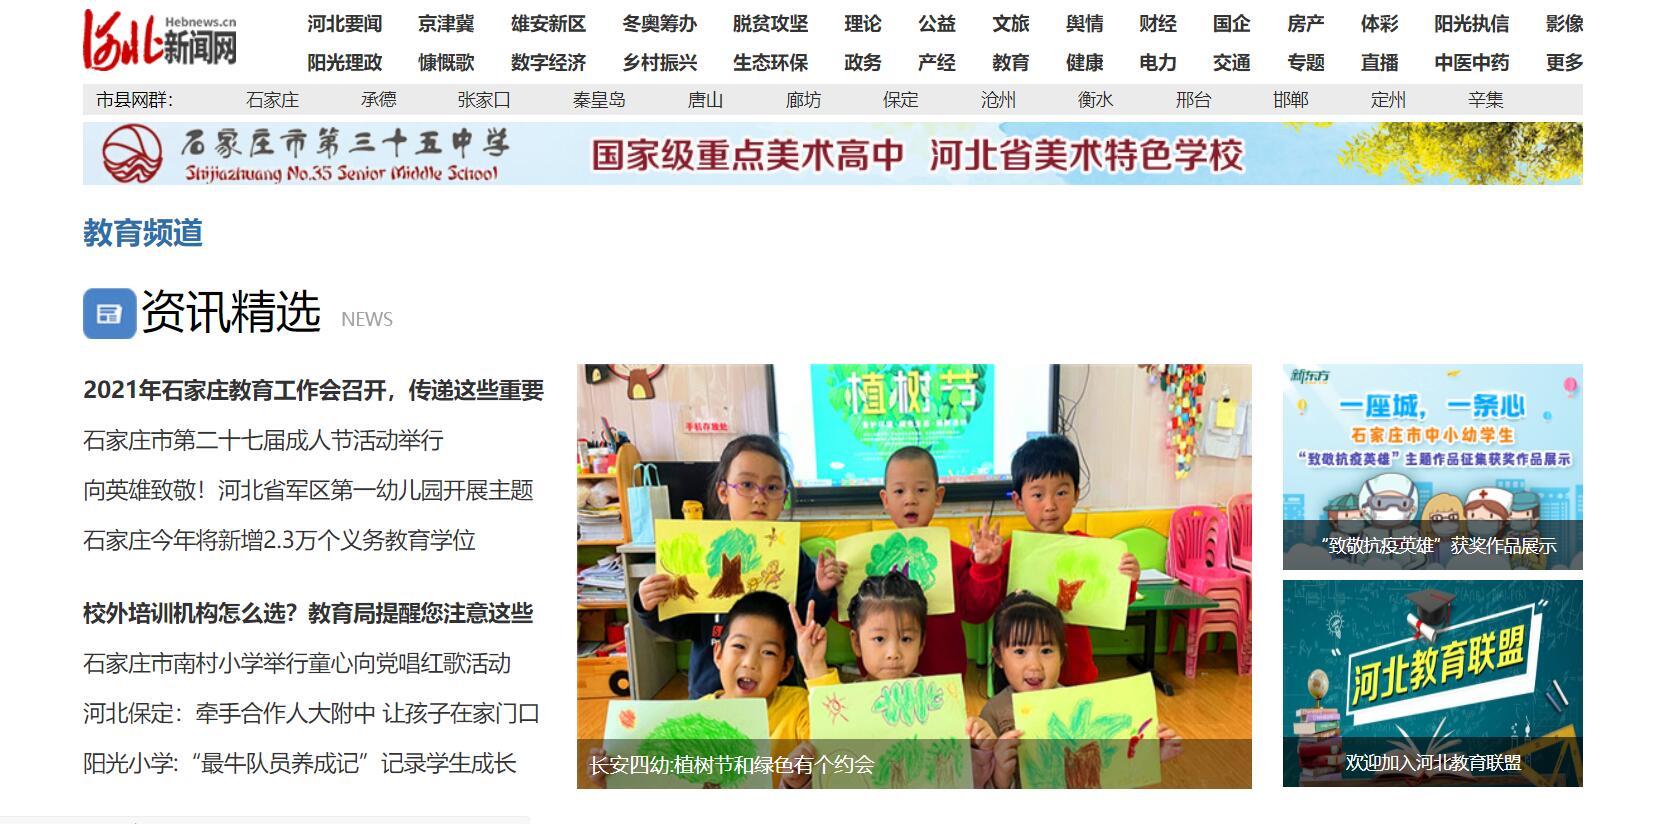 河北新闻网教育频道